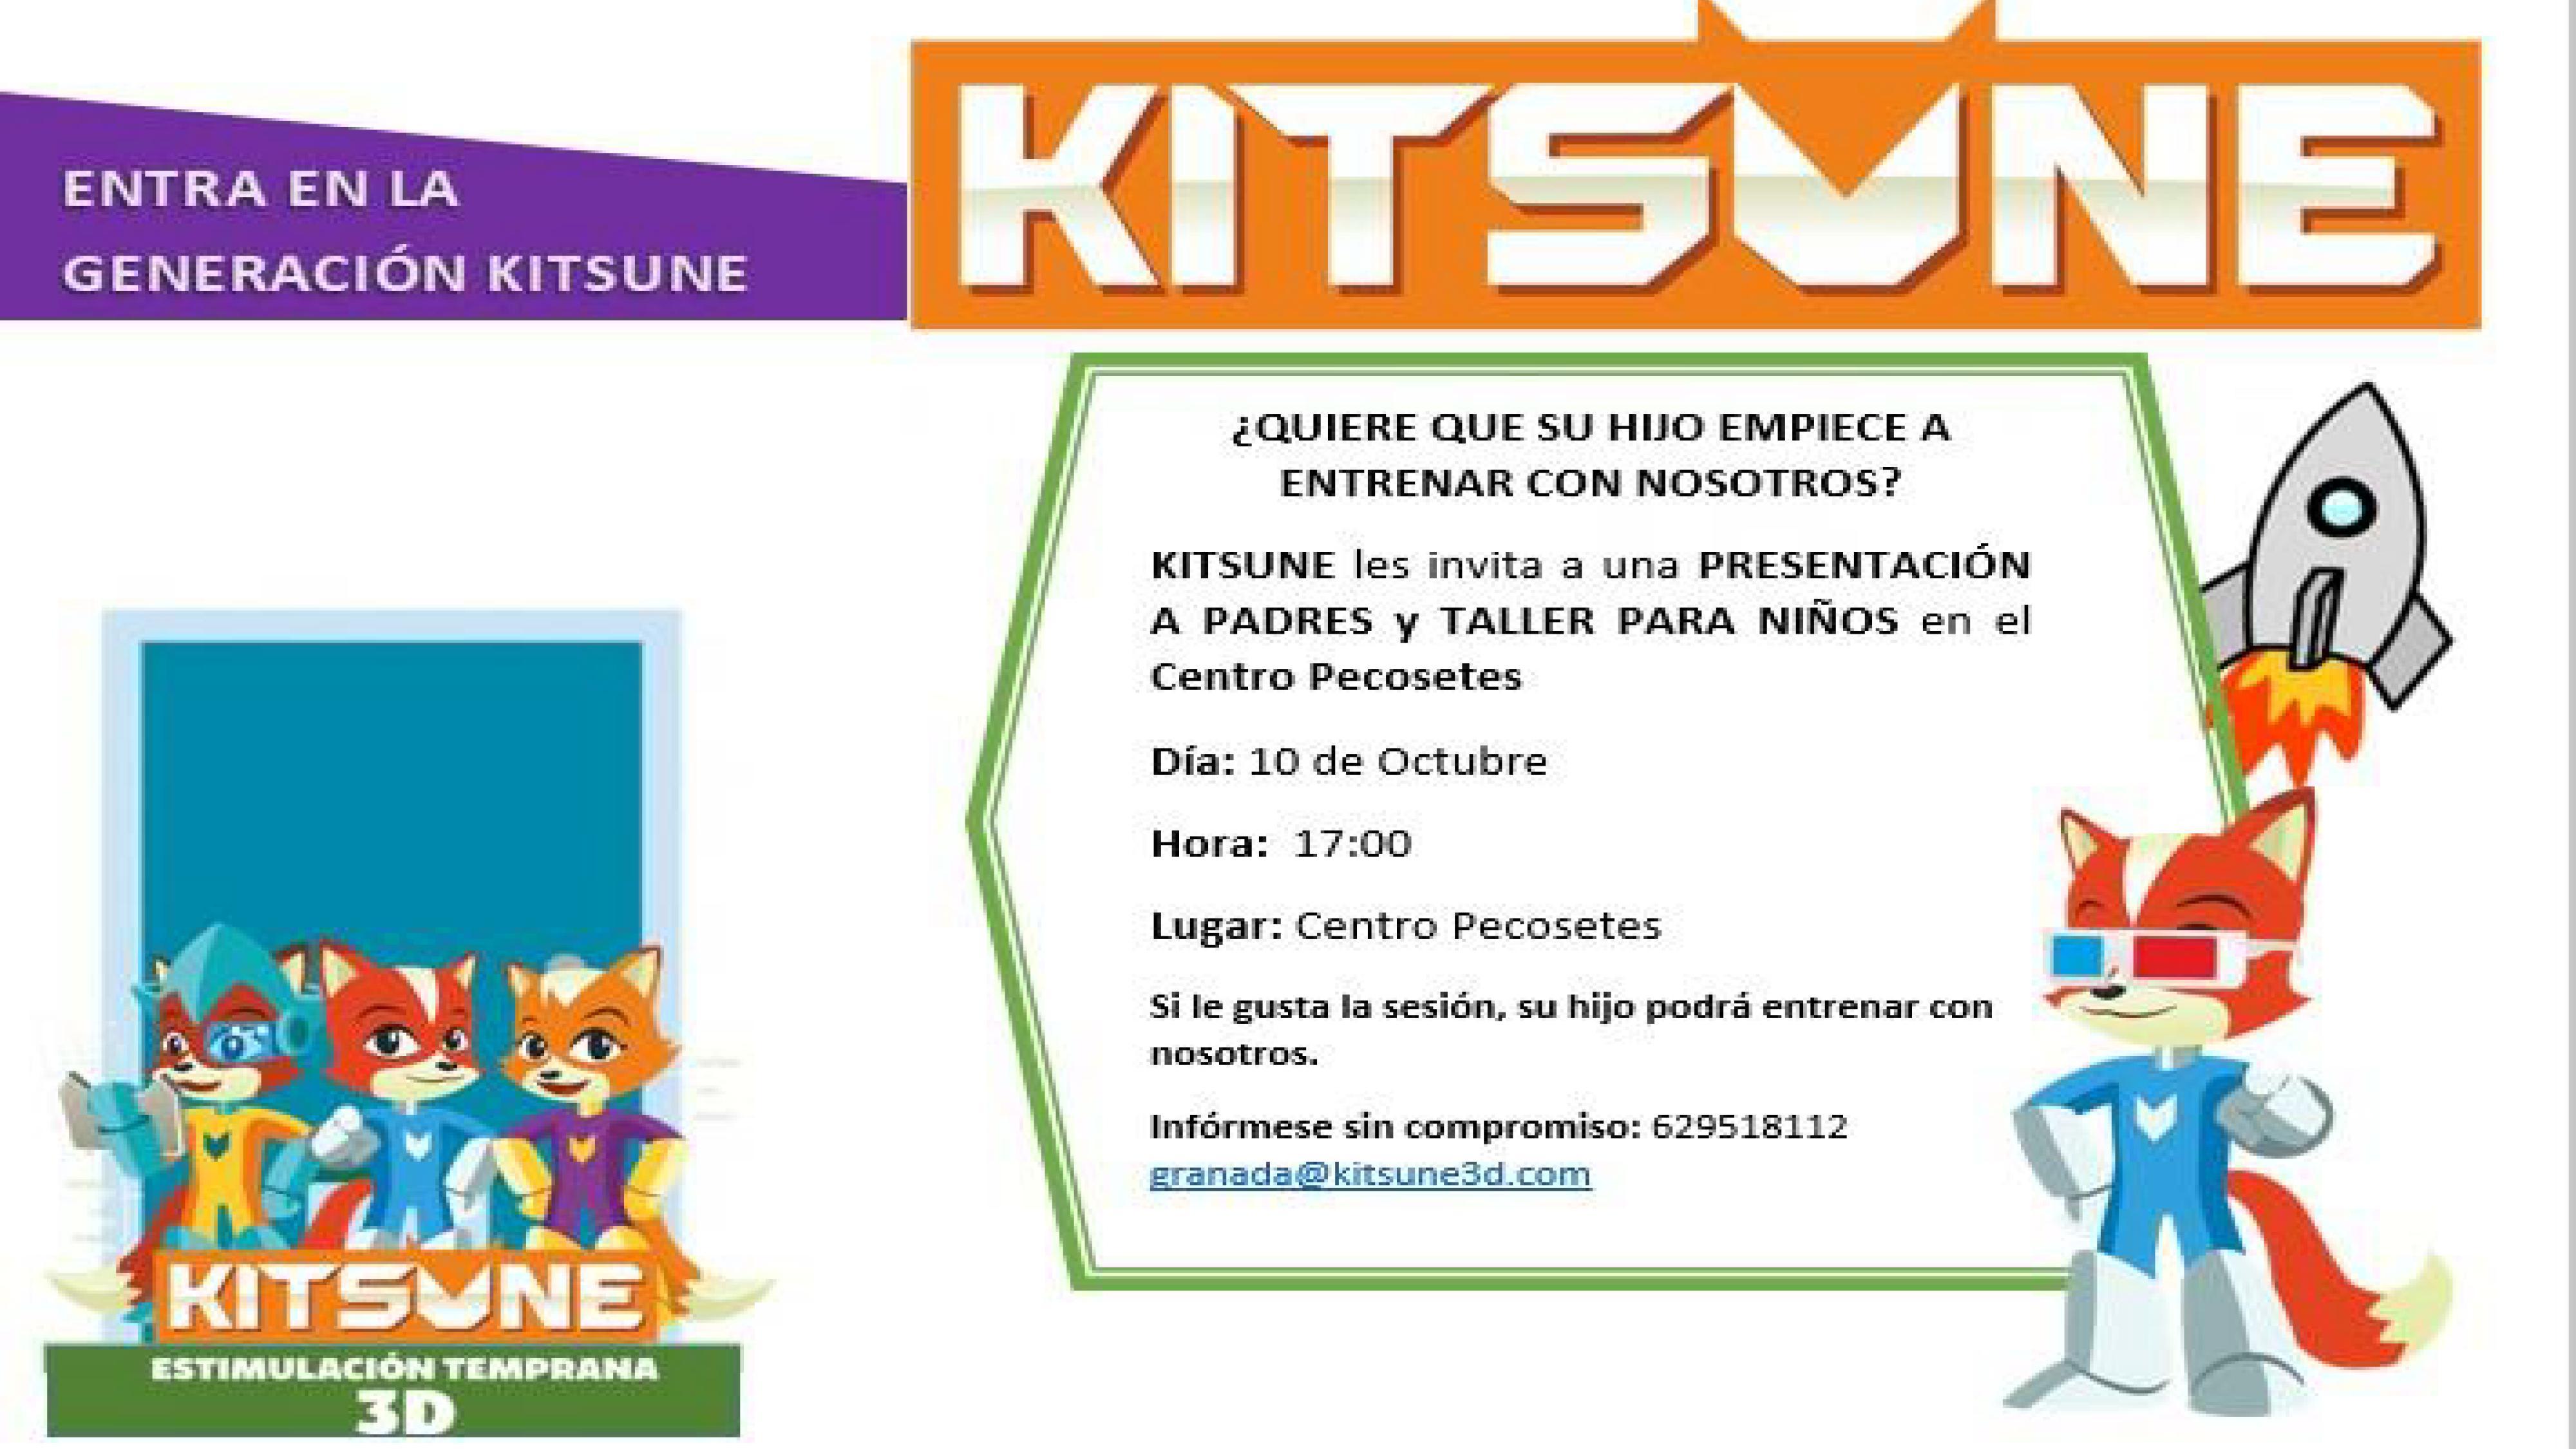 Presentación Taller de KITSUNE - miércoles 10 de octubre, 17:00h